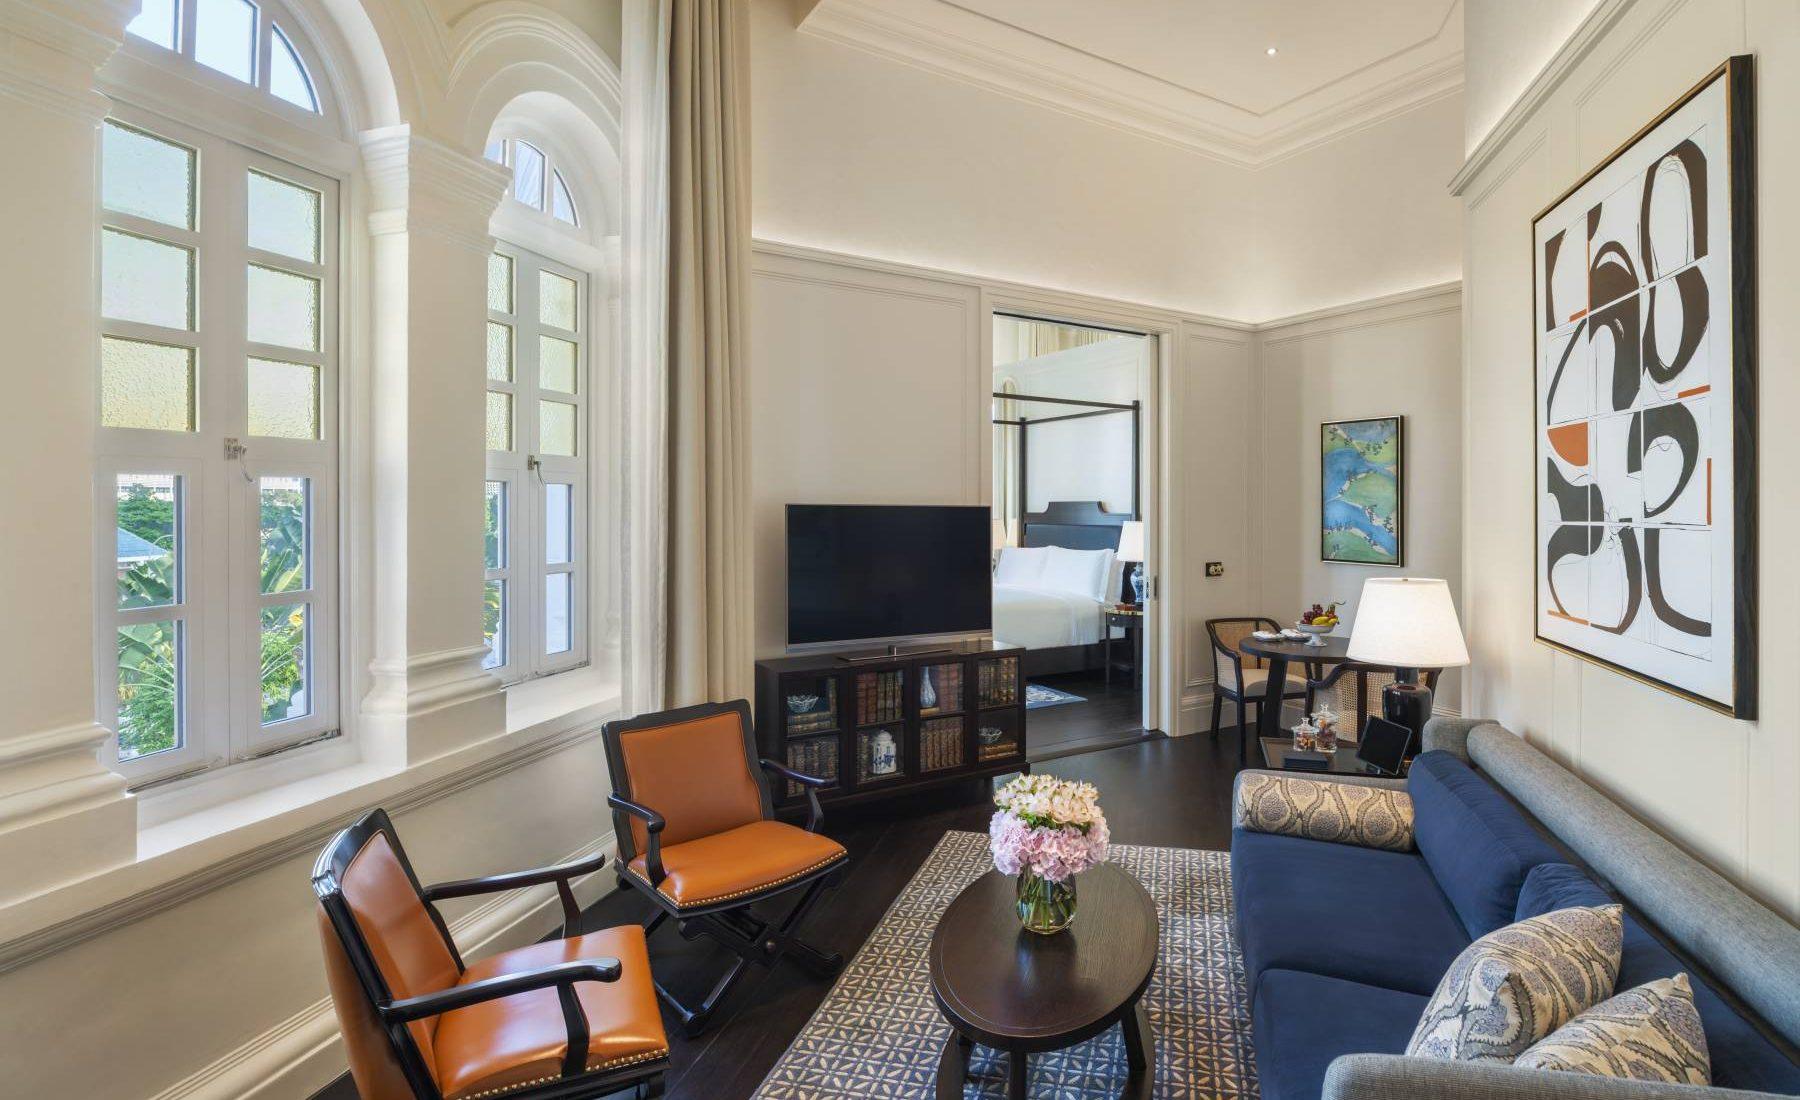 Raffles Singapore - Promenade Suites